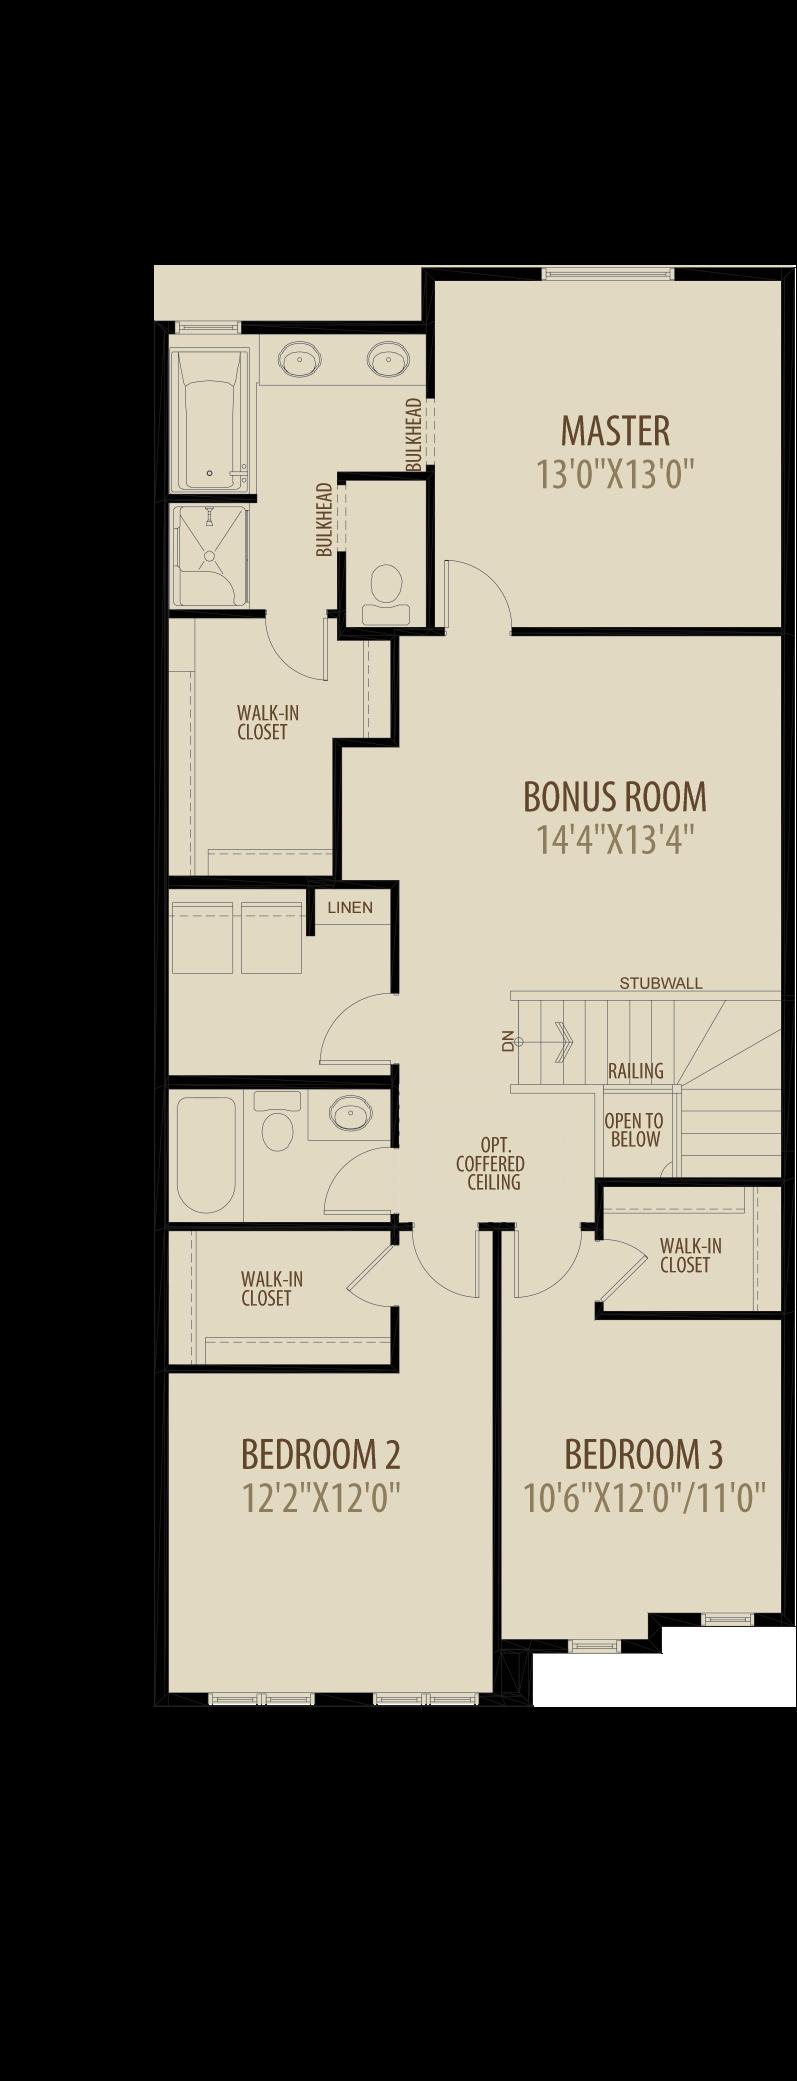 Optional Upper Floor 2 adds 133 sq ft